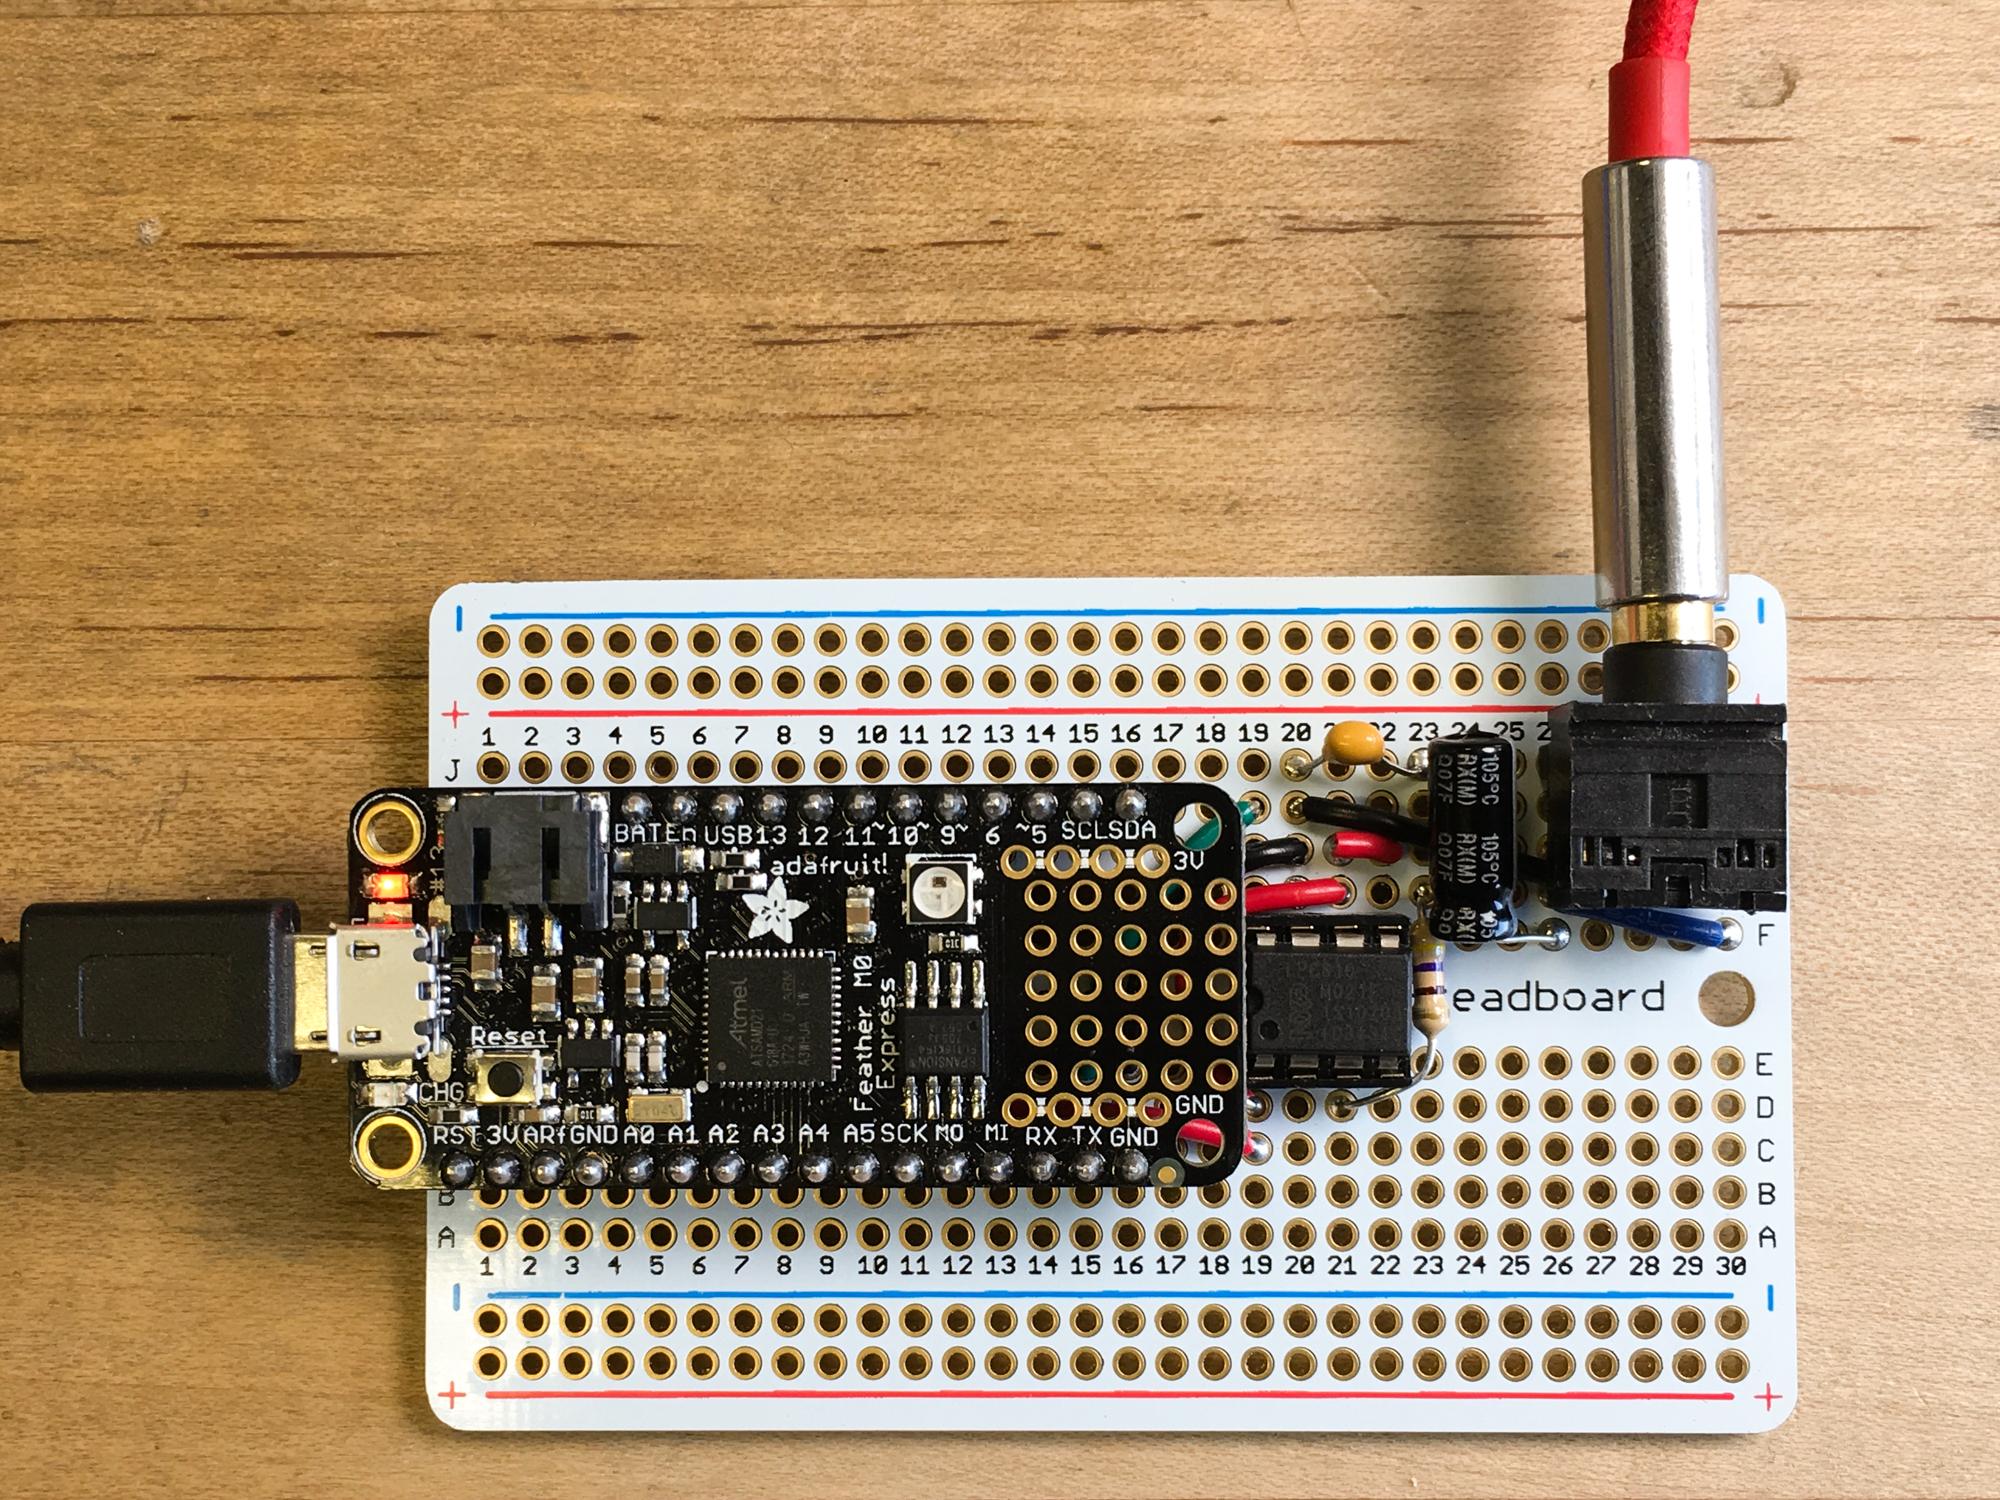 microcontrollers_IMG_1802_2k.jpg